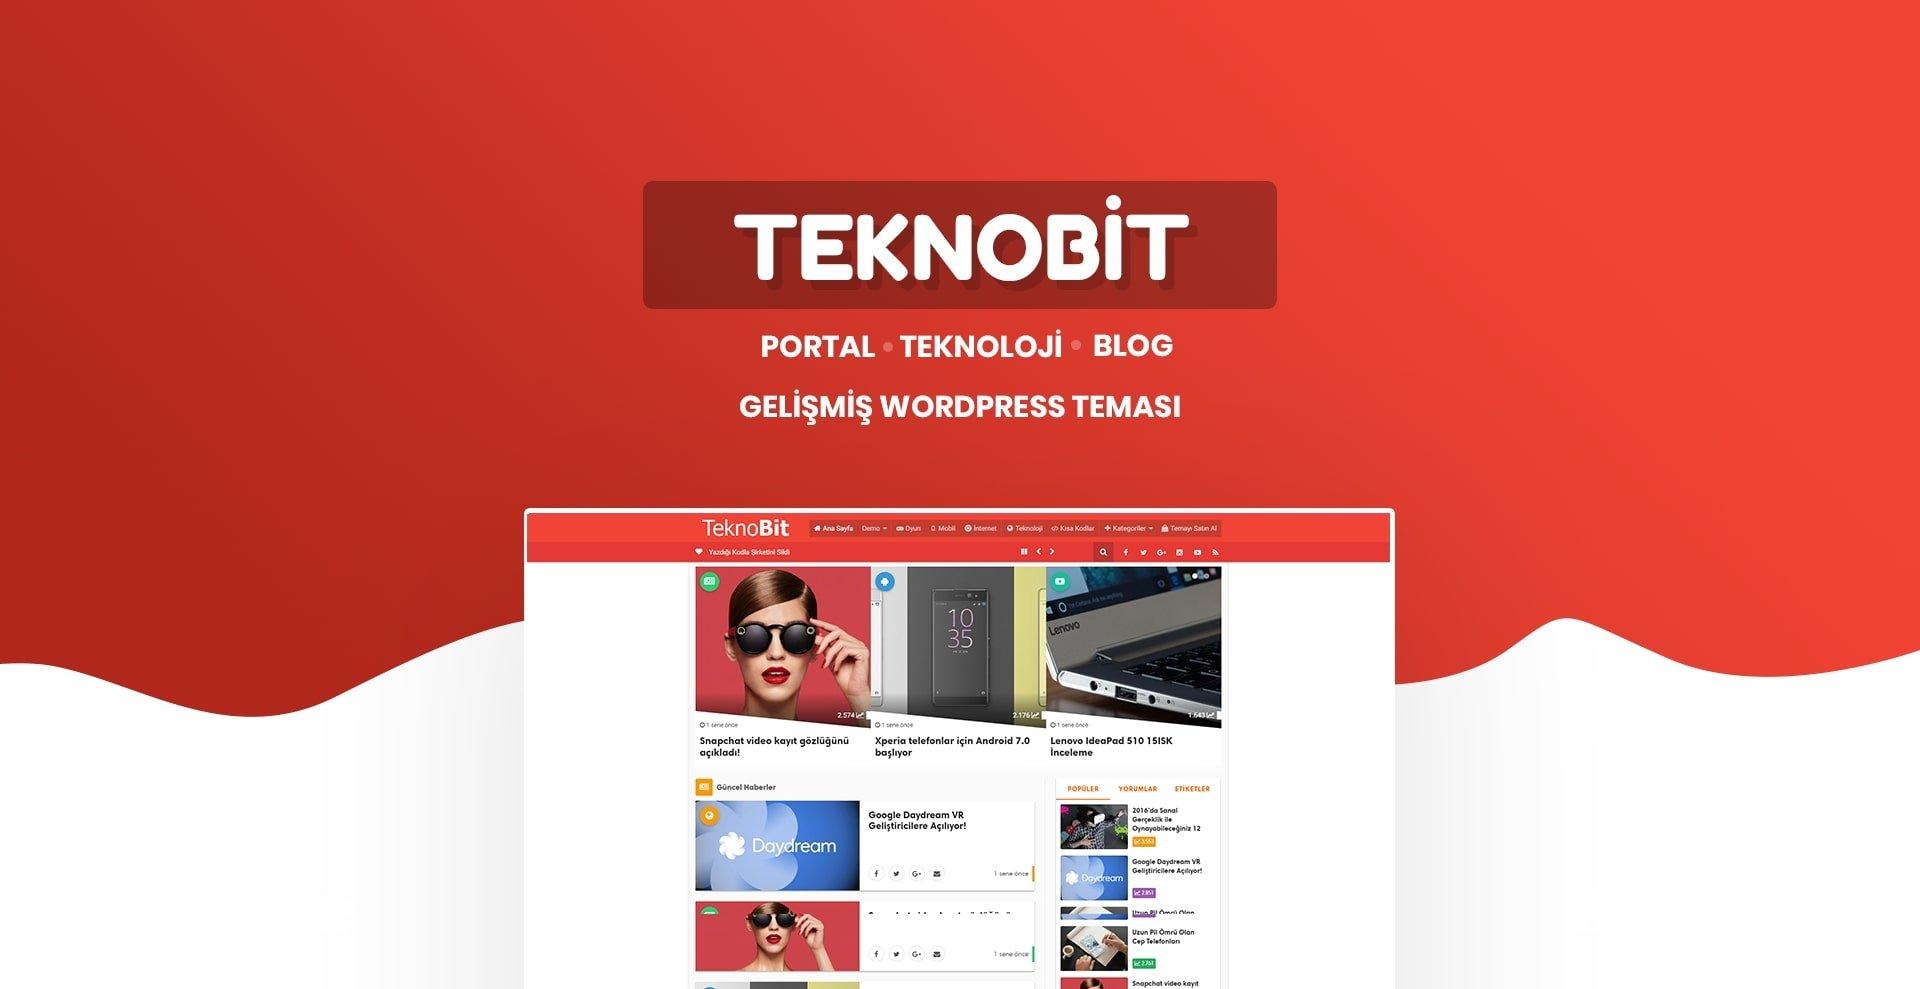 Teknobit WordPress Teknoloji Teması (İnceleme)